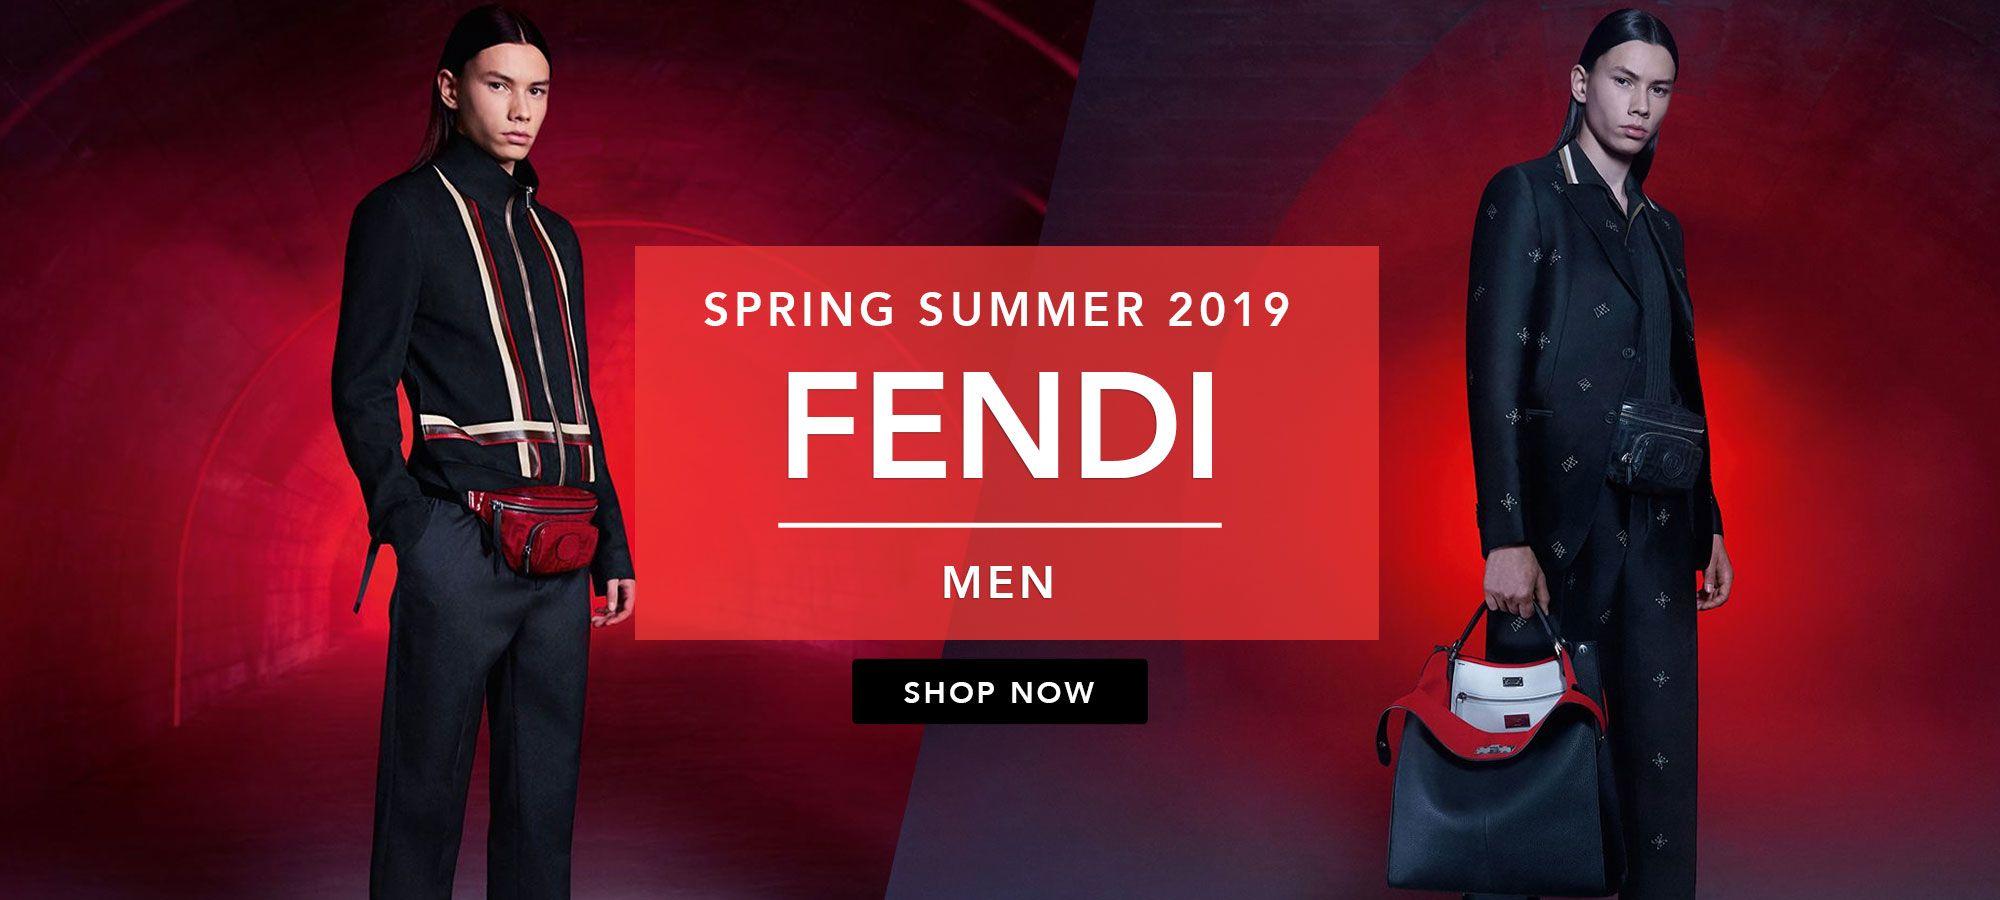 Fendi Men Spring Summer 2019 by italist